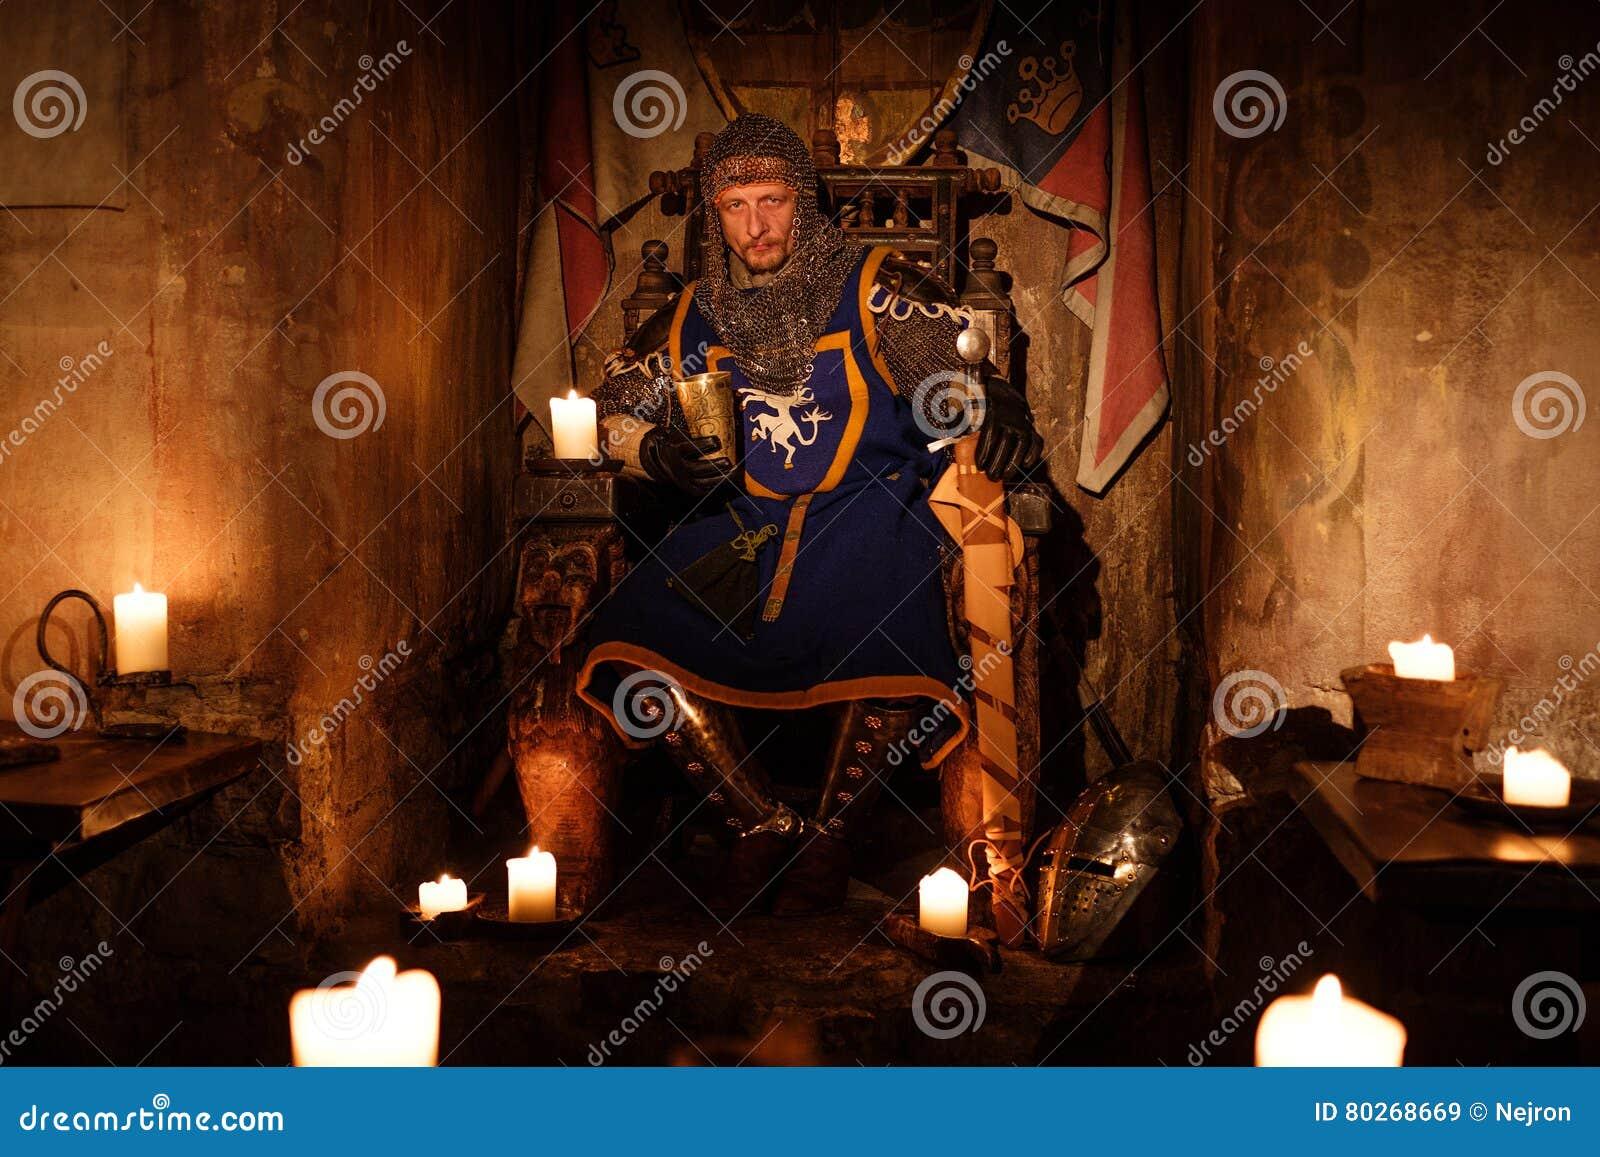 Średniowieczny królewiątko na tronie w antycznym grodowym wnętrzu